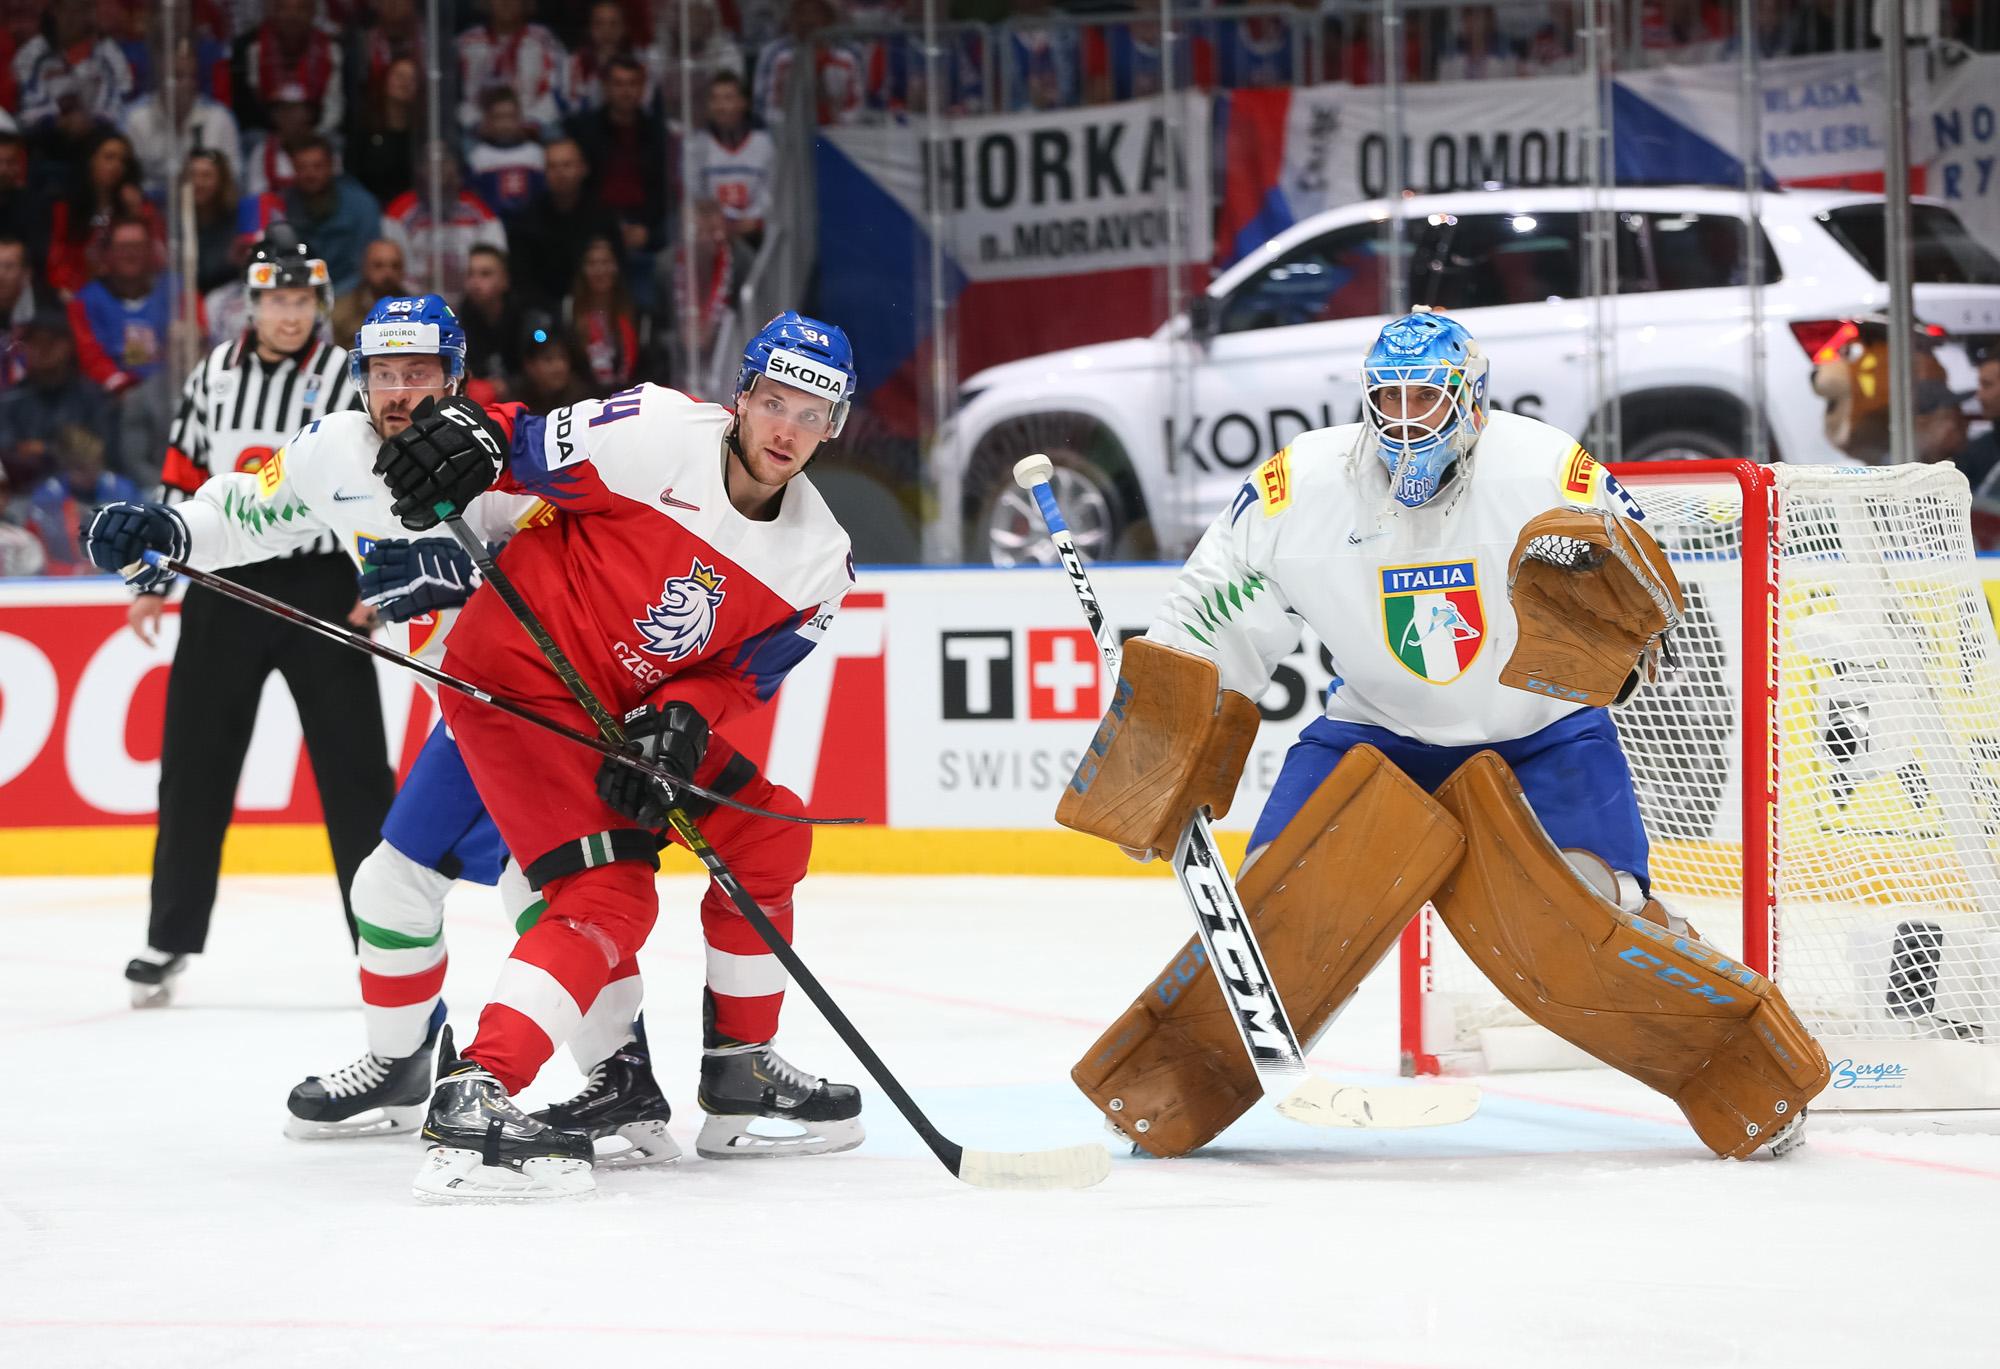 IIHF - Gallery: Czech Republic vs. Italy - 2019 IIHF Ice Hockey ...